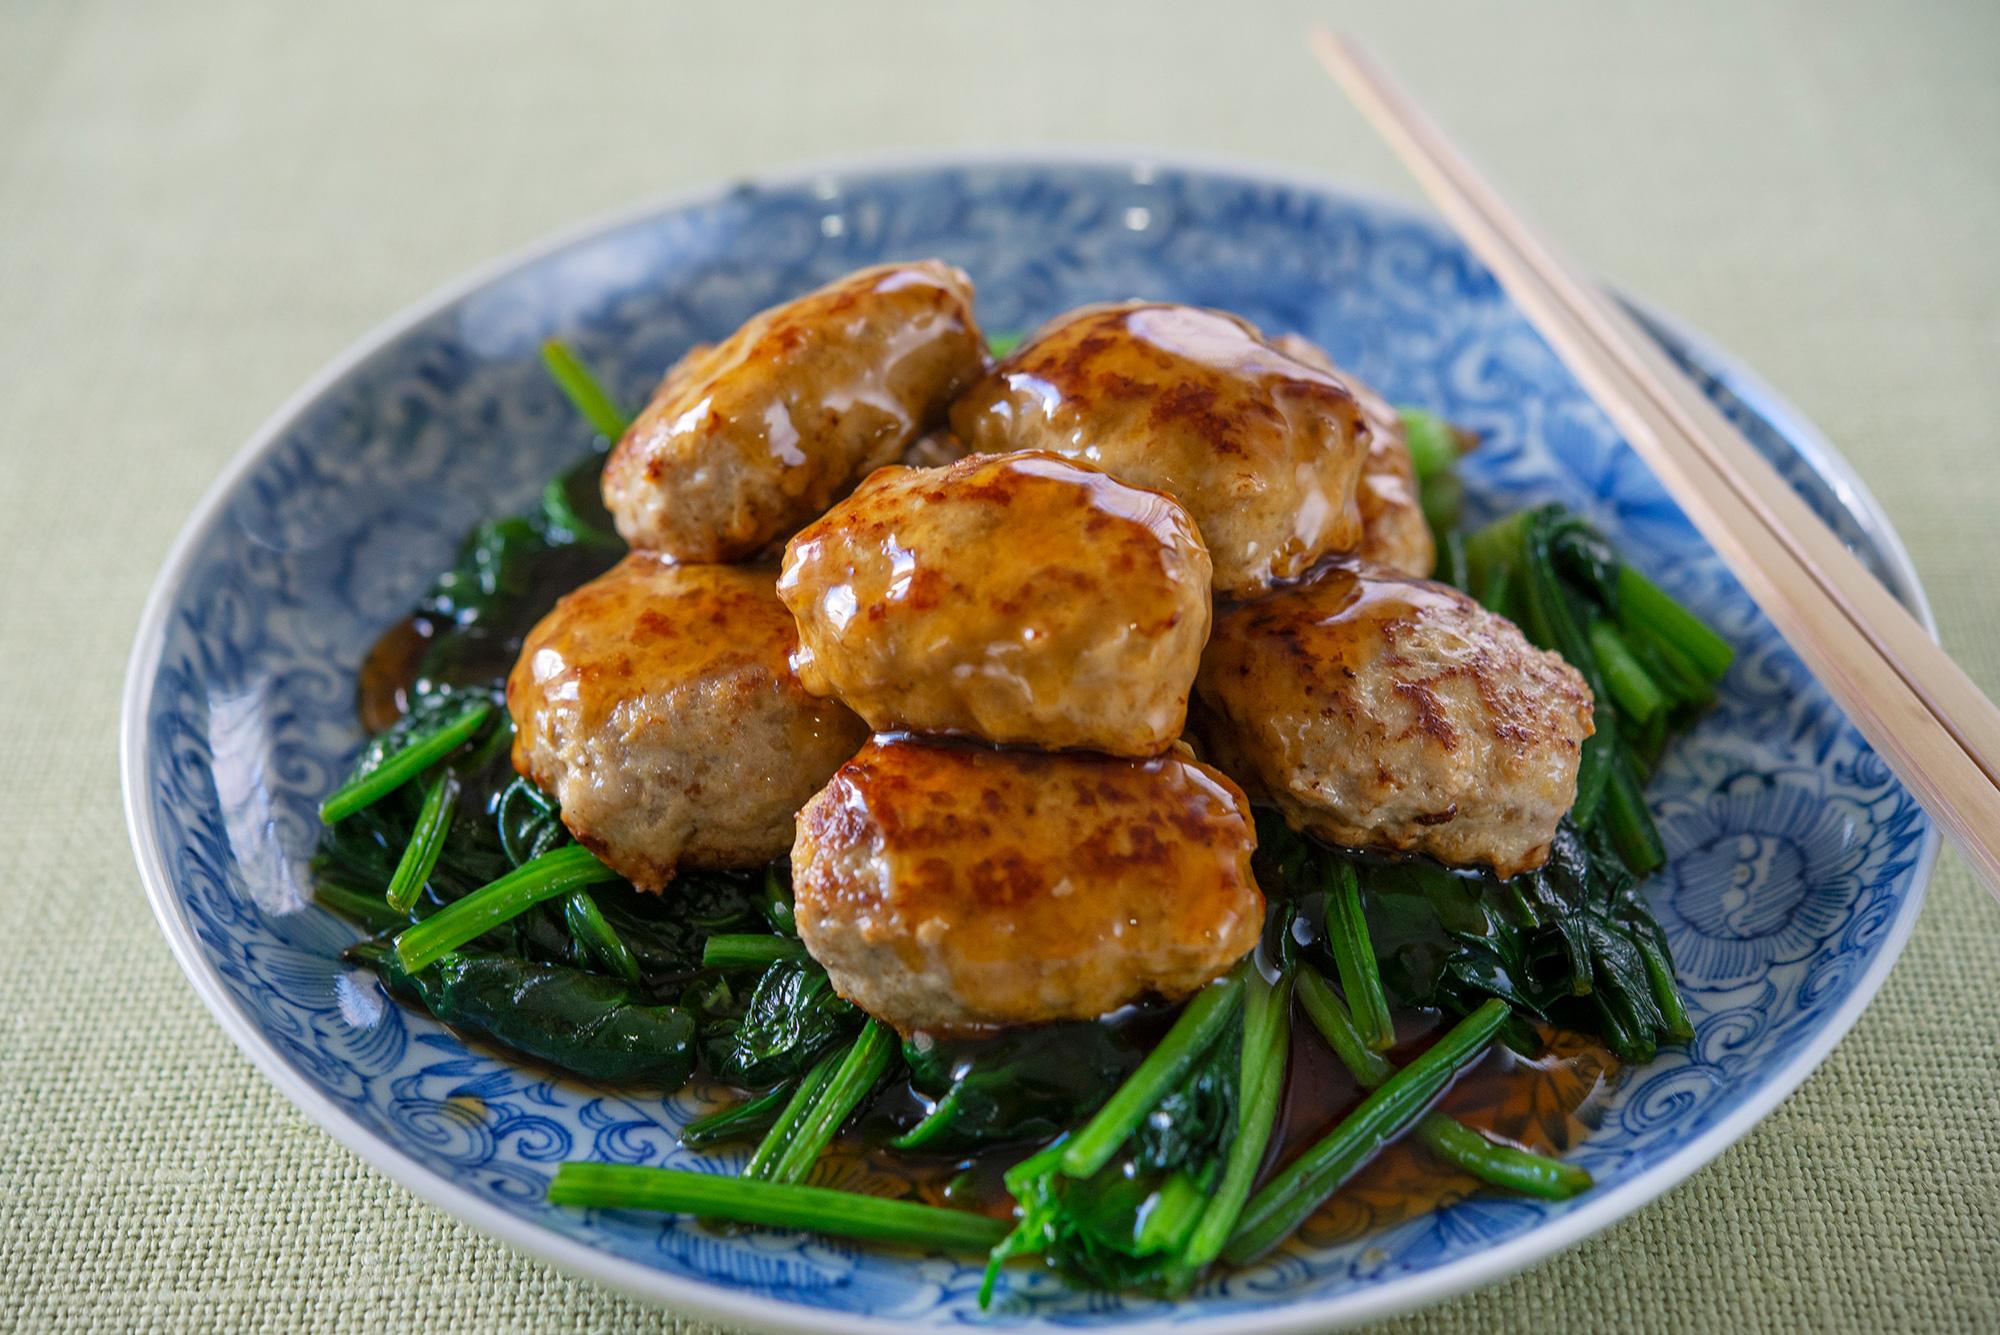 豚ひき肉で作る「和風豚ひきごまつくねの甘辛だれ」